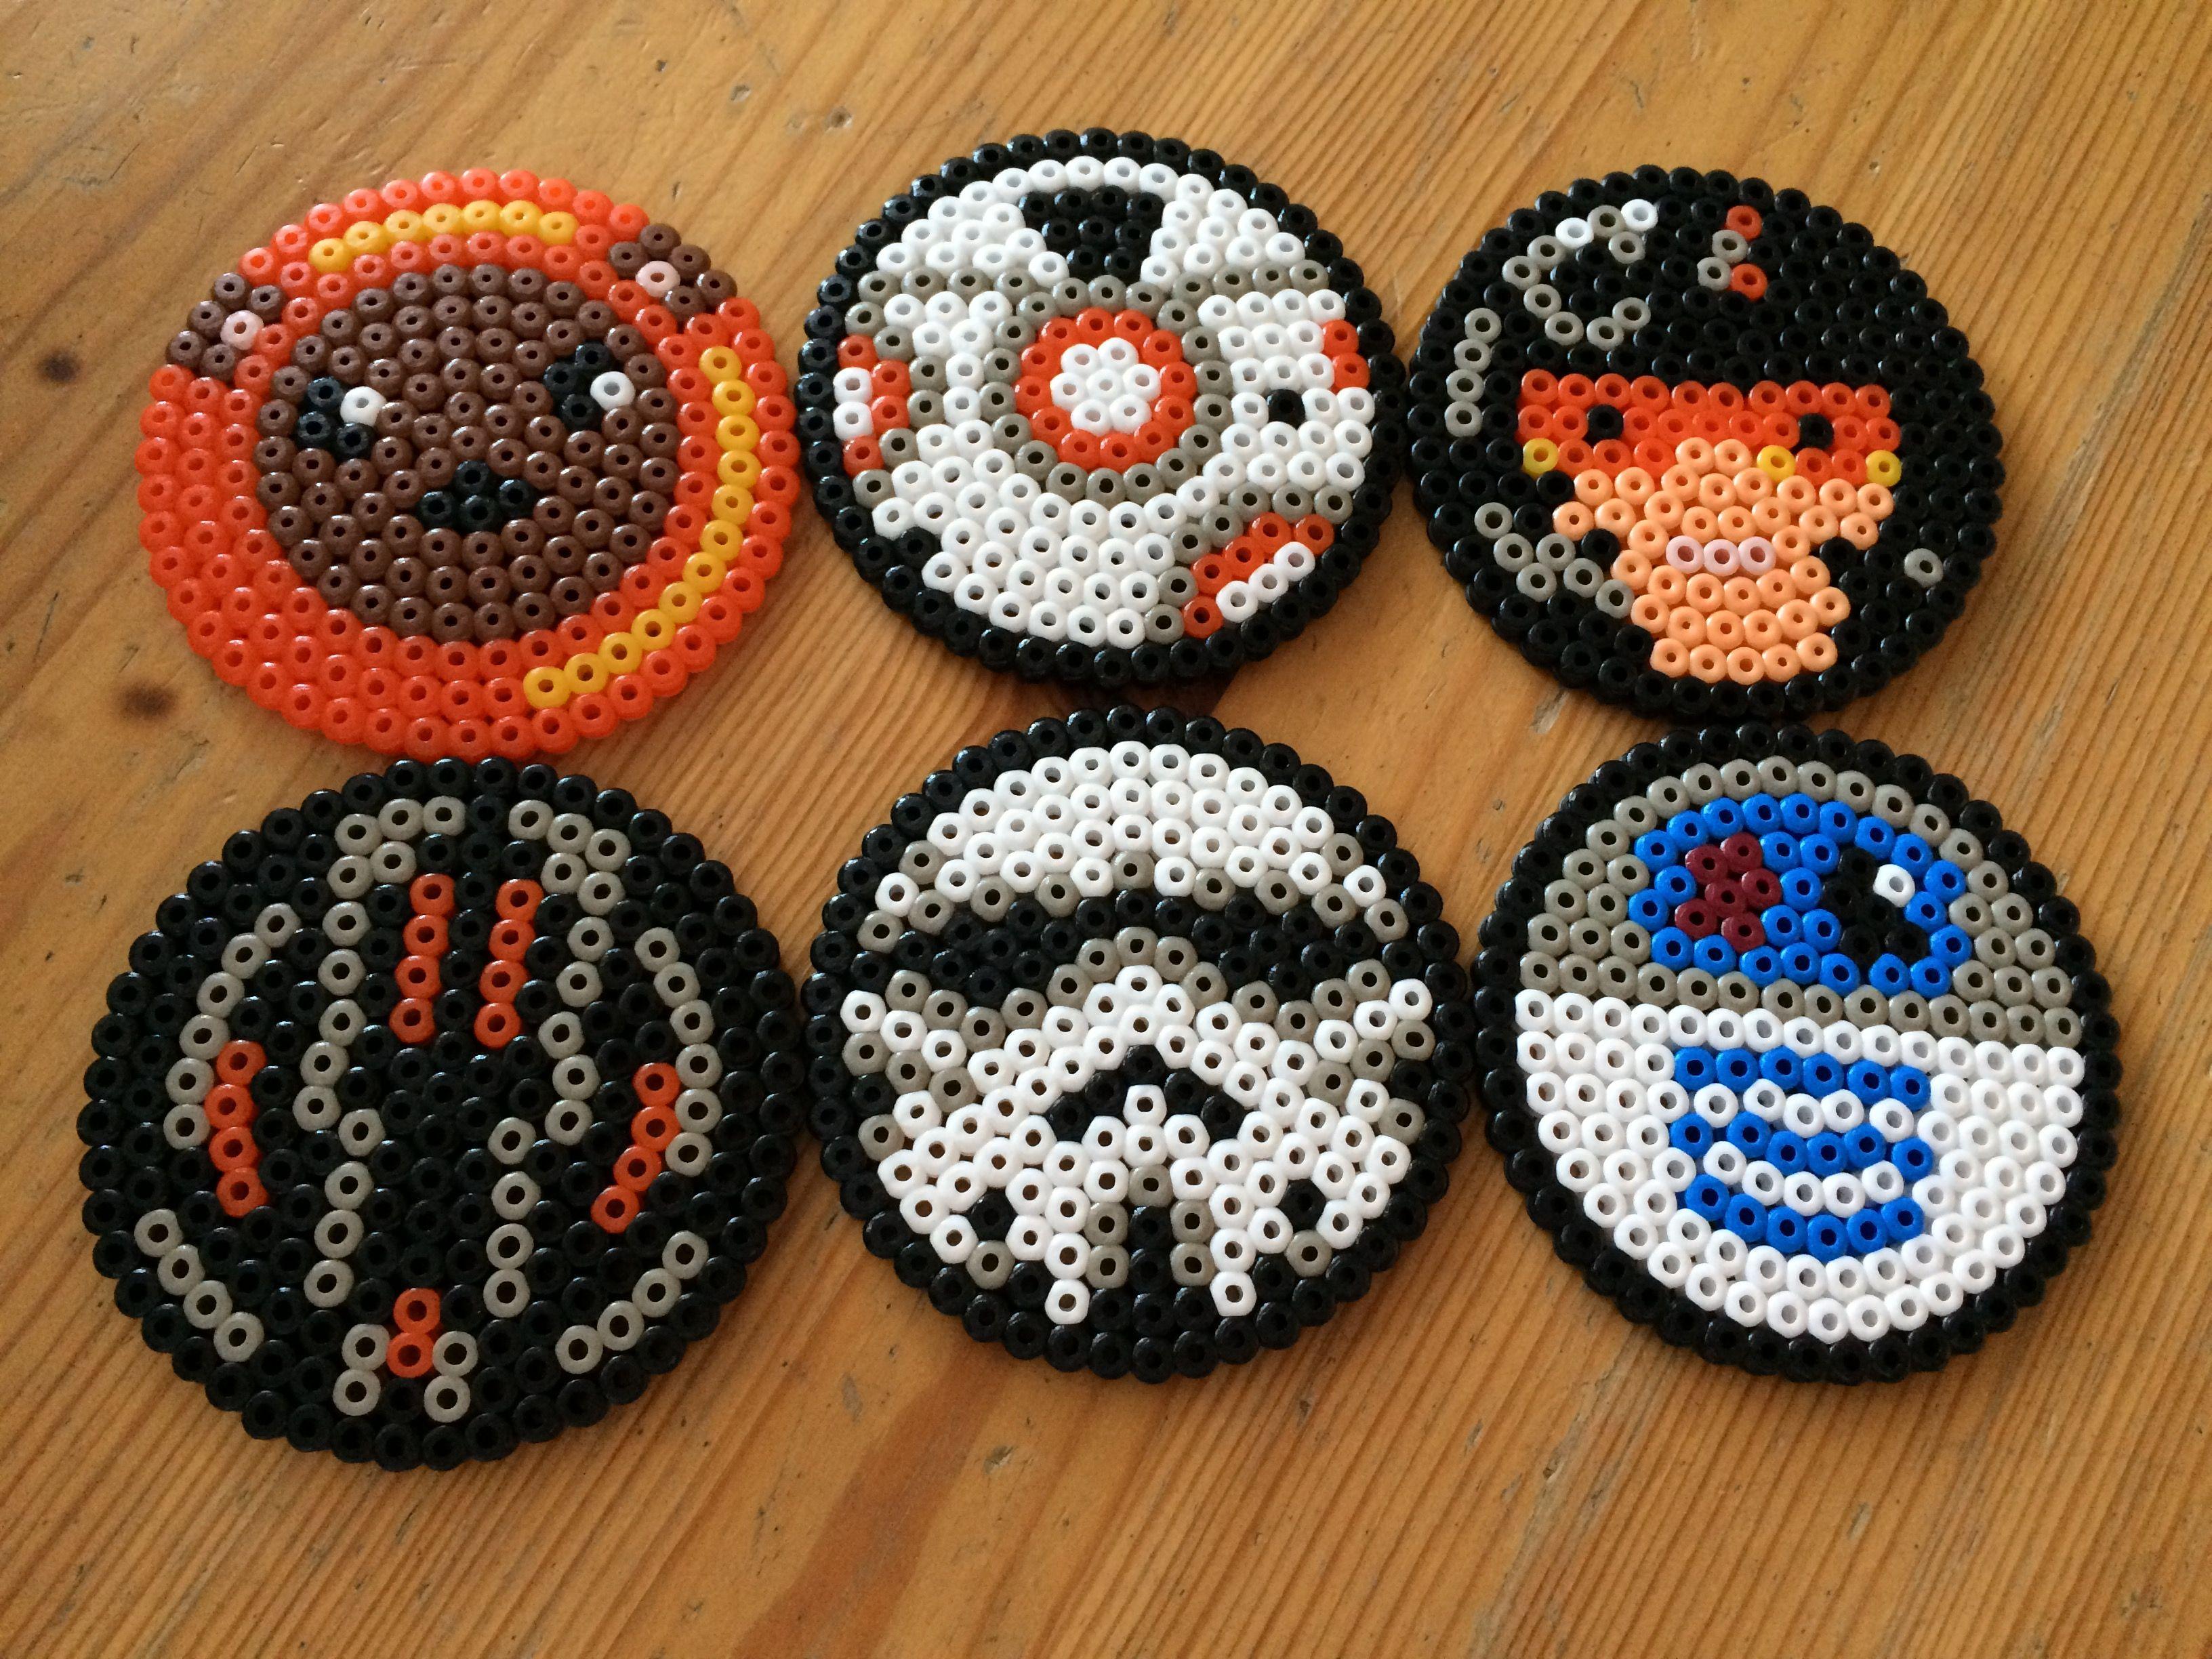 Bugelperlen Vorlagen Von Star Wars Zum Herunterladen Und Ausdrucken